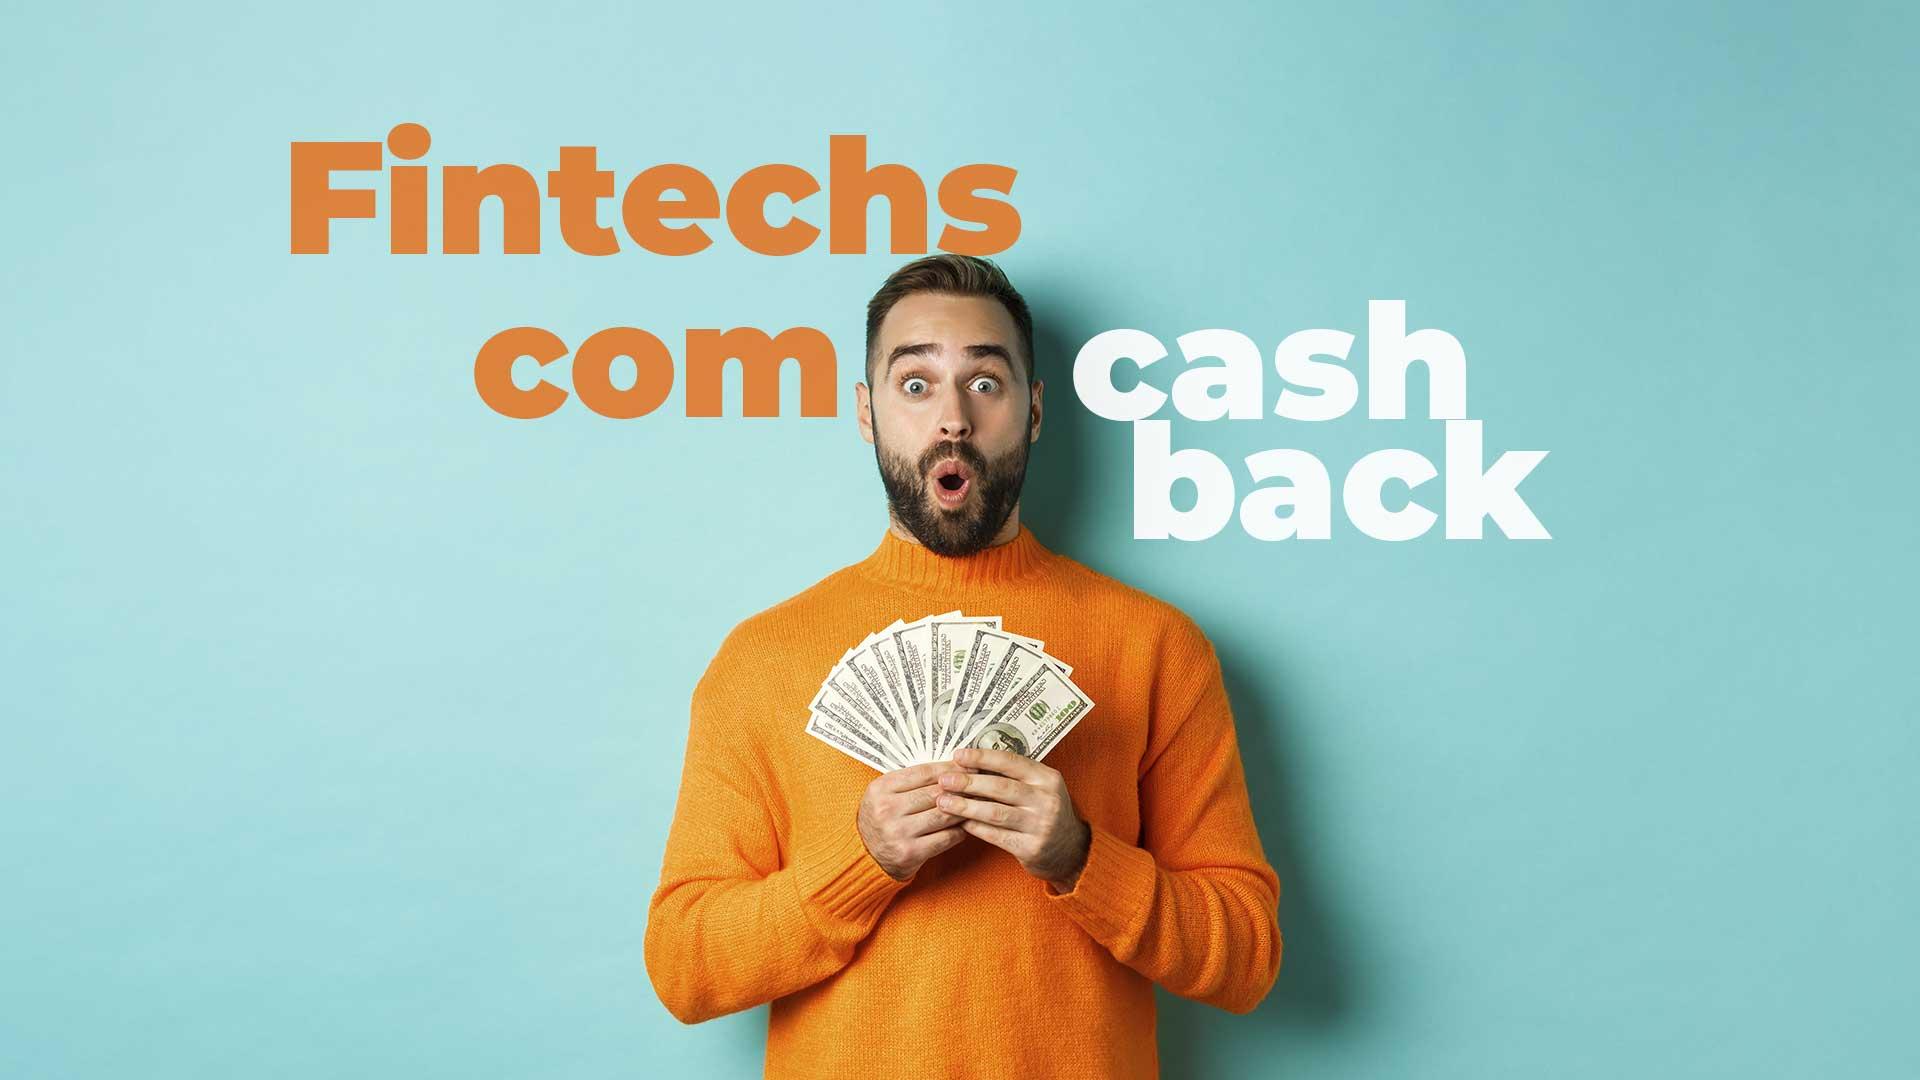 fintechs com cashback de volta